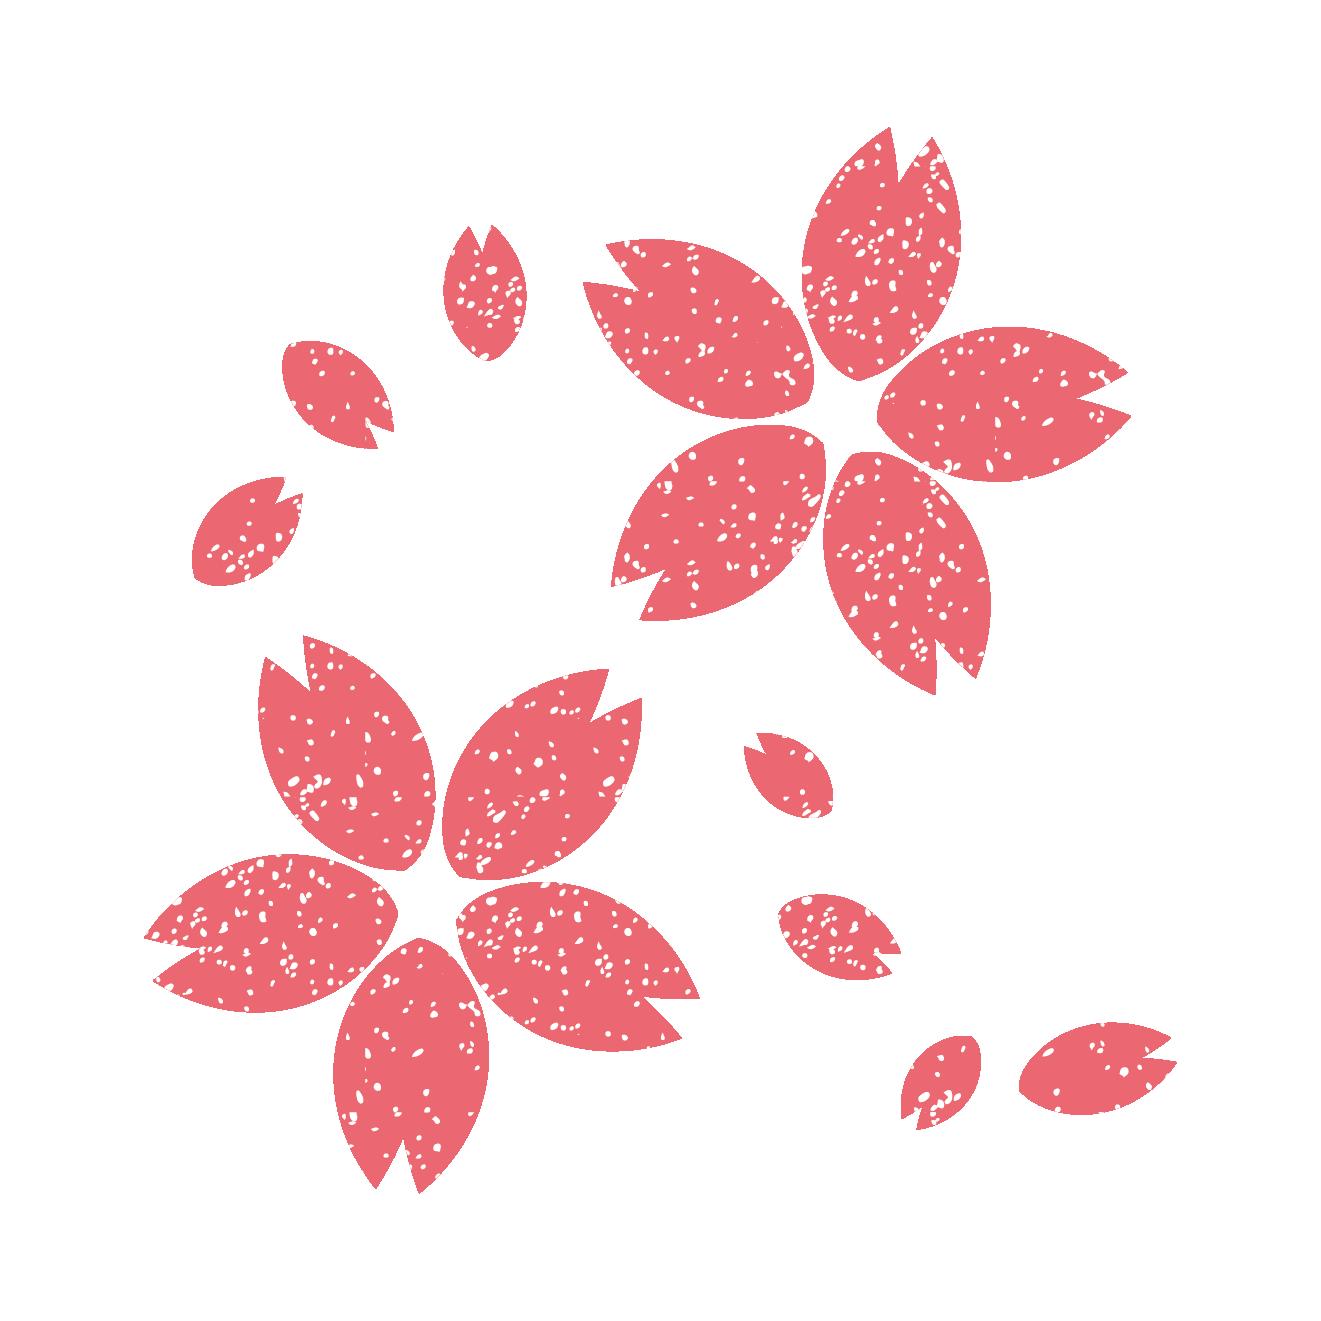 商用可 桜のスタンプイラスト素材になります 花びらがひらりひらり